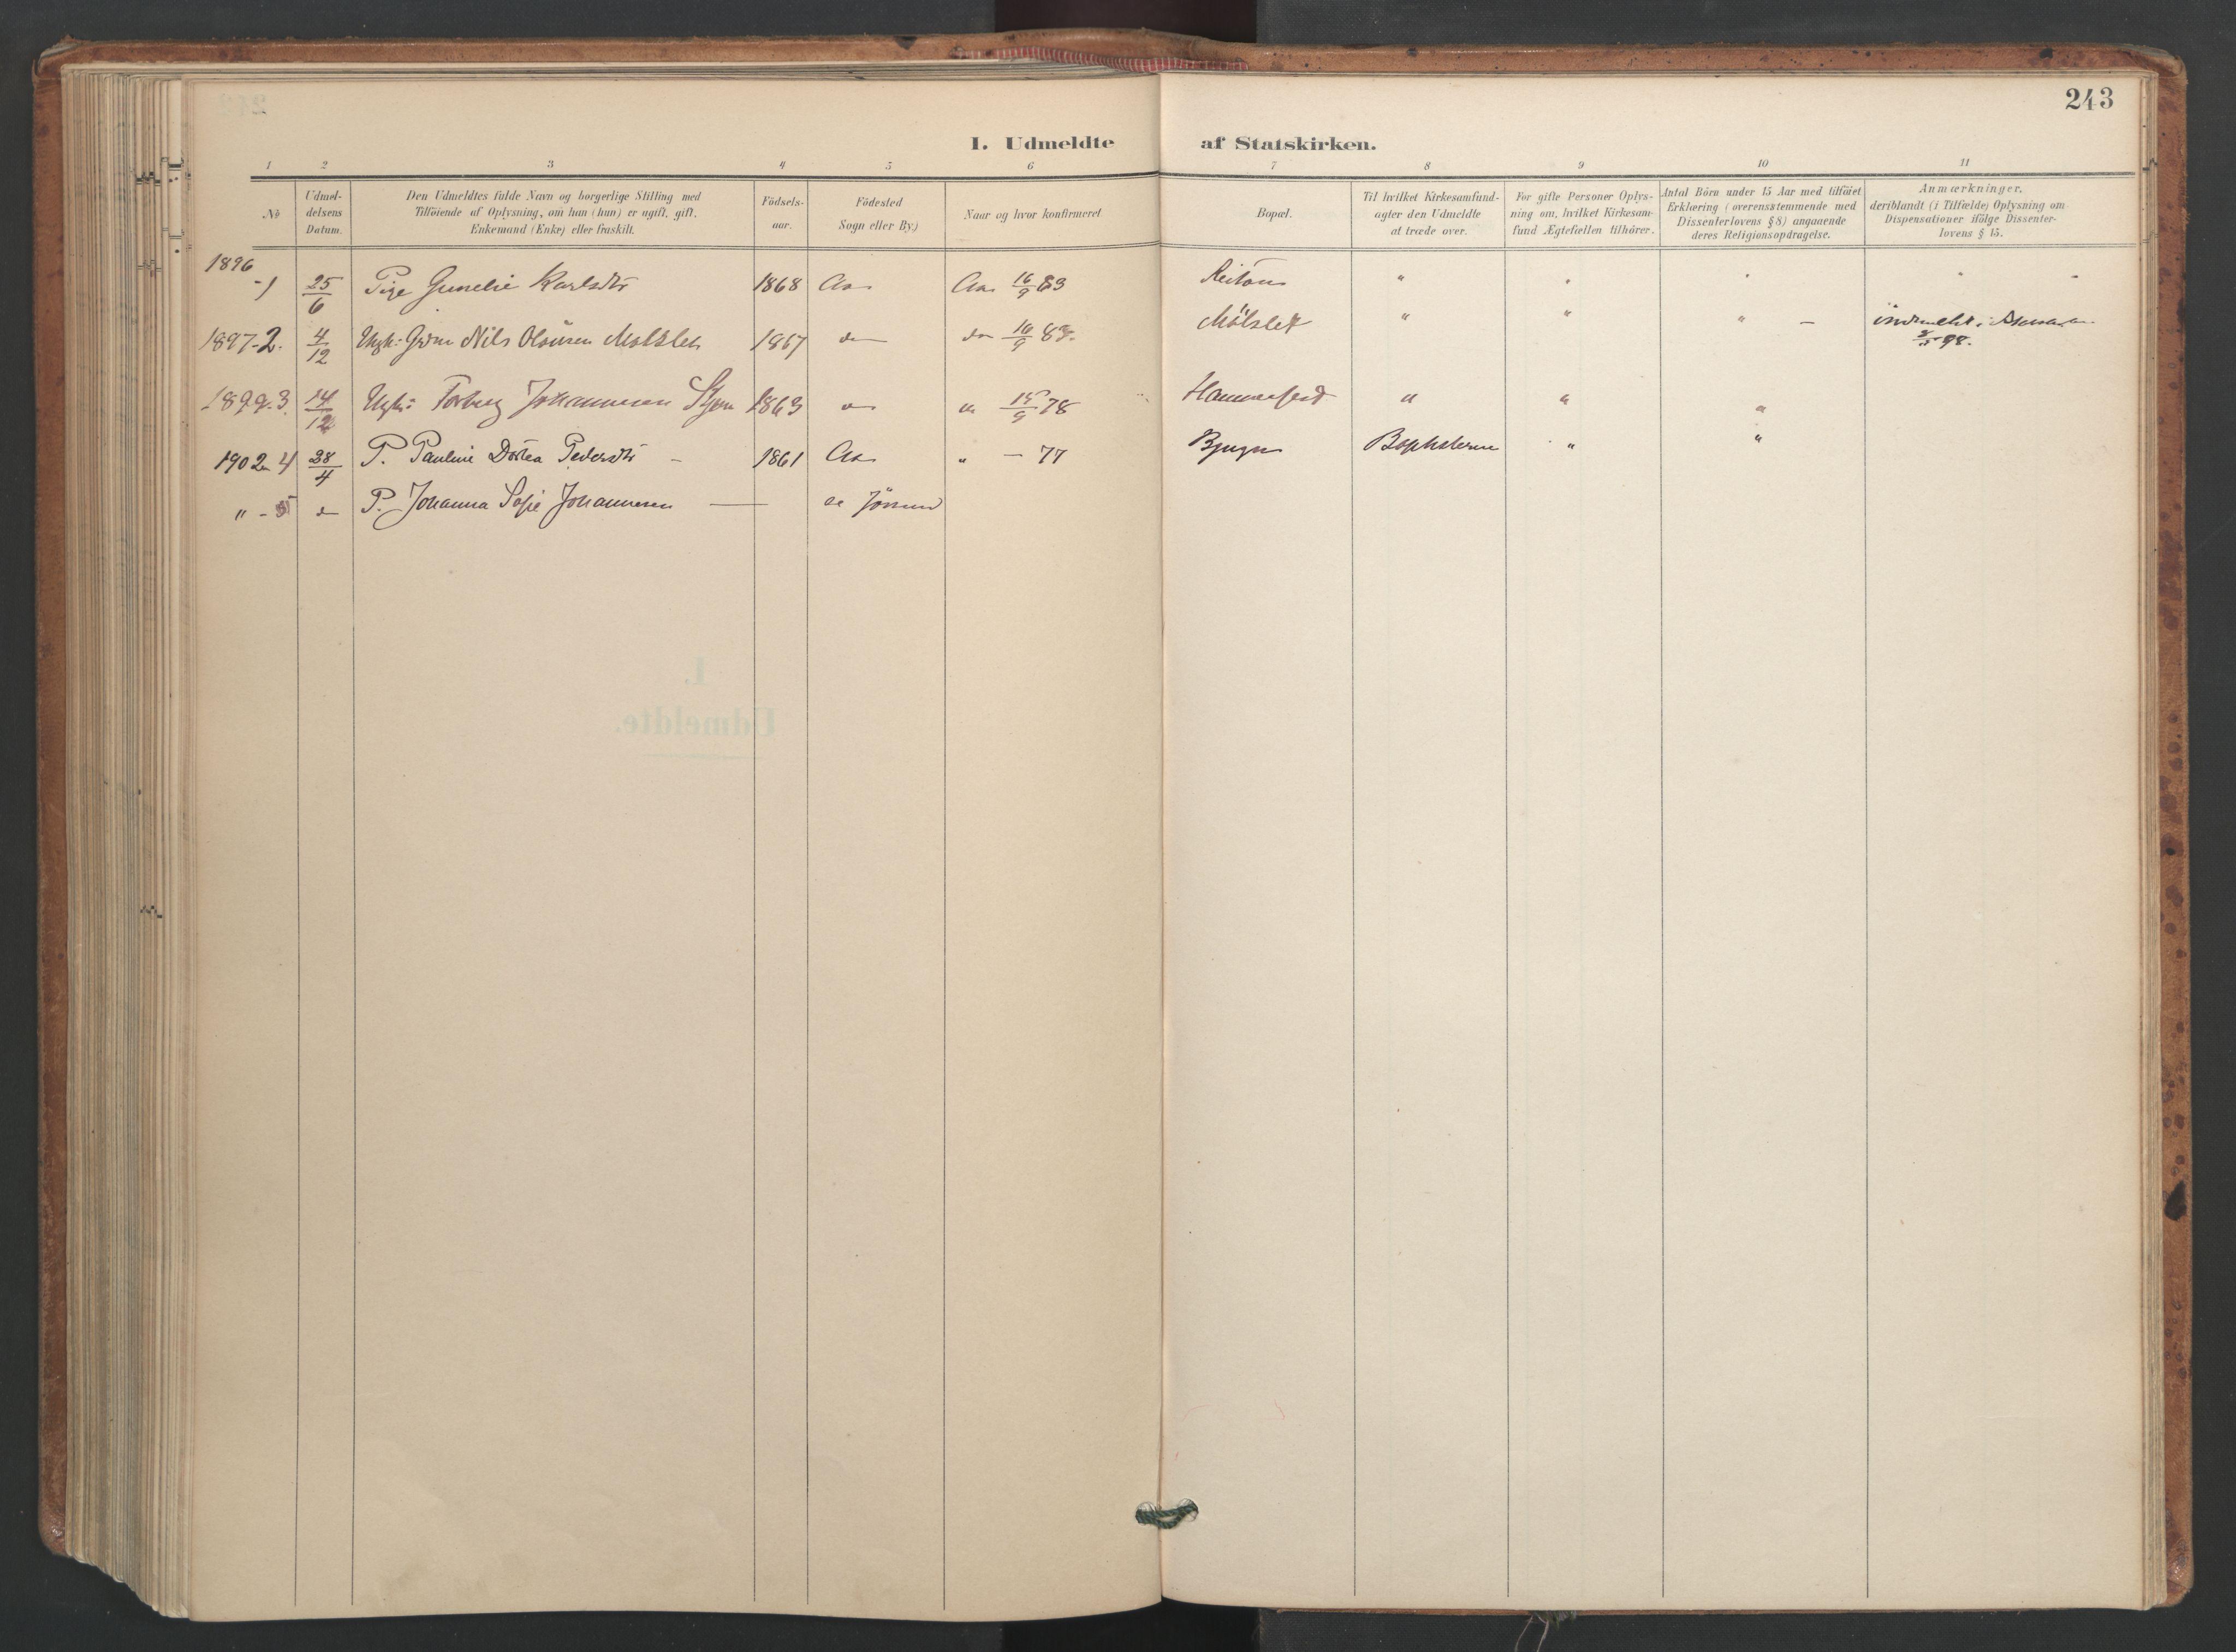 SAT, Ministerialprotokoller, klokkerbøker og fødselsregistre - Sør-Trøndelag, 655/L0681: Ministerialbok nr. 655A10, 1895-1907, s. 243